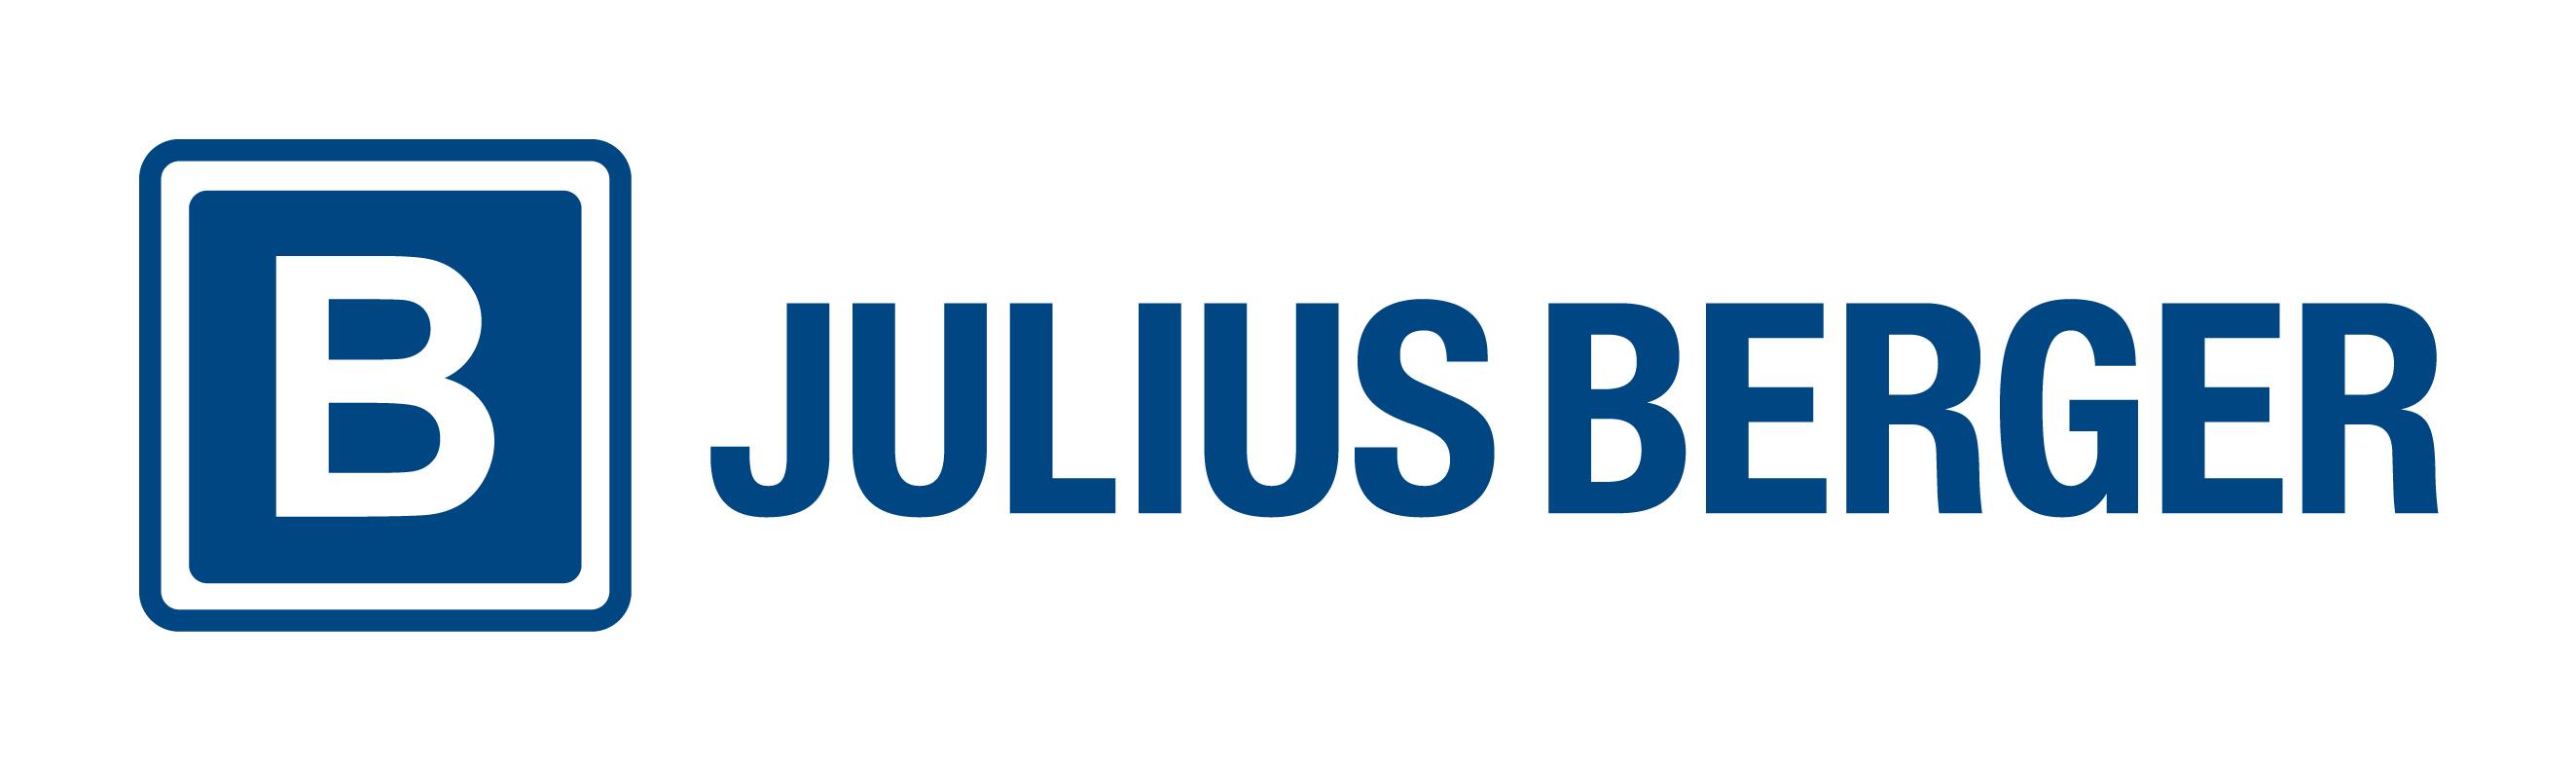 Julius Berger Records N1.24bn Loss